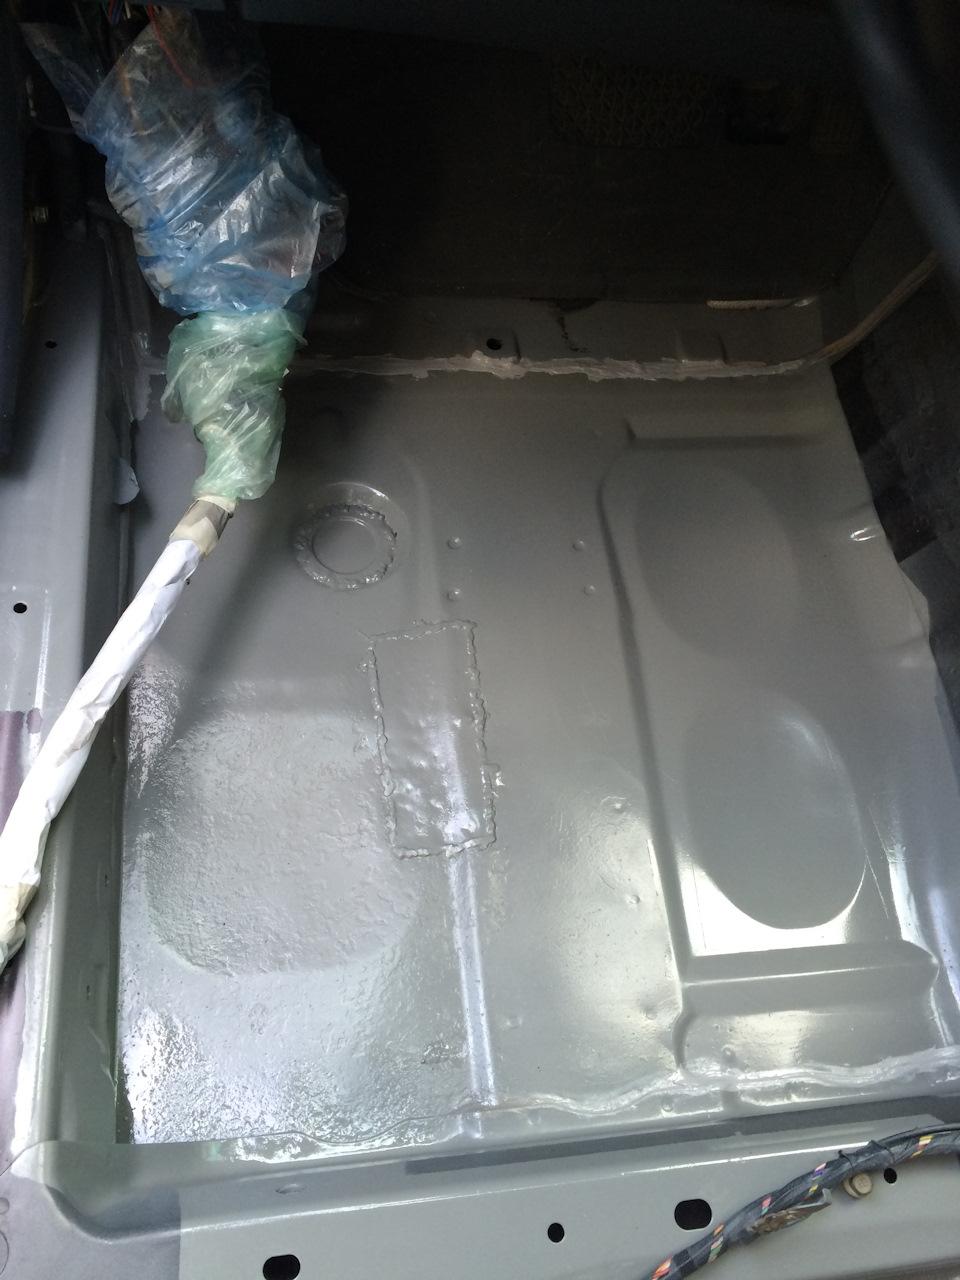 816d9c5s 960 - Чем обработать пол в машине от ржавчины